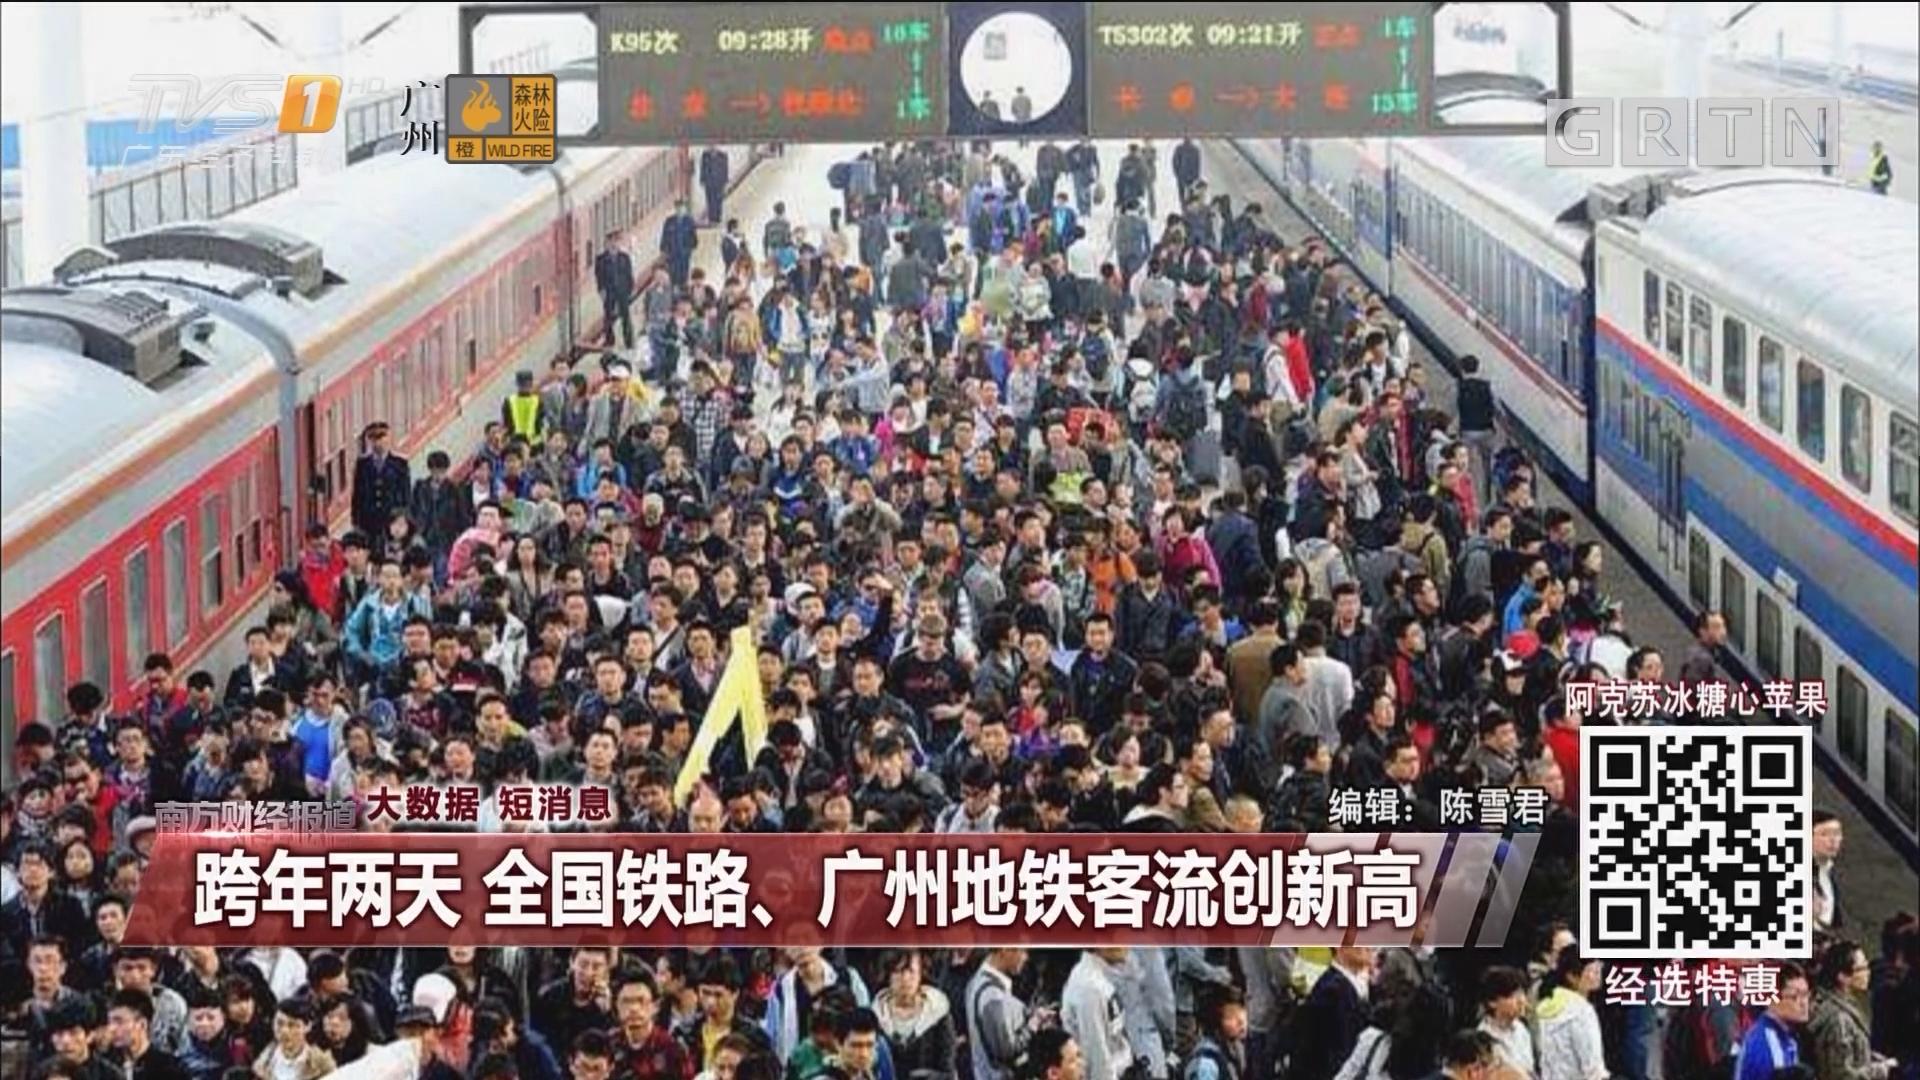 跨年两天 全国铁路、广州地铁客流创新高